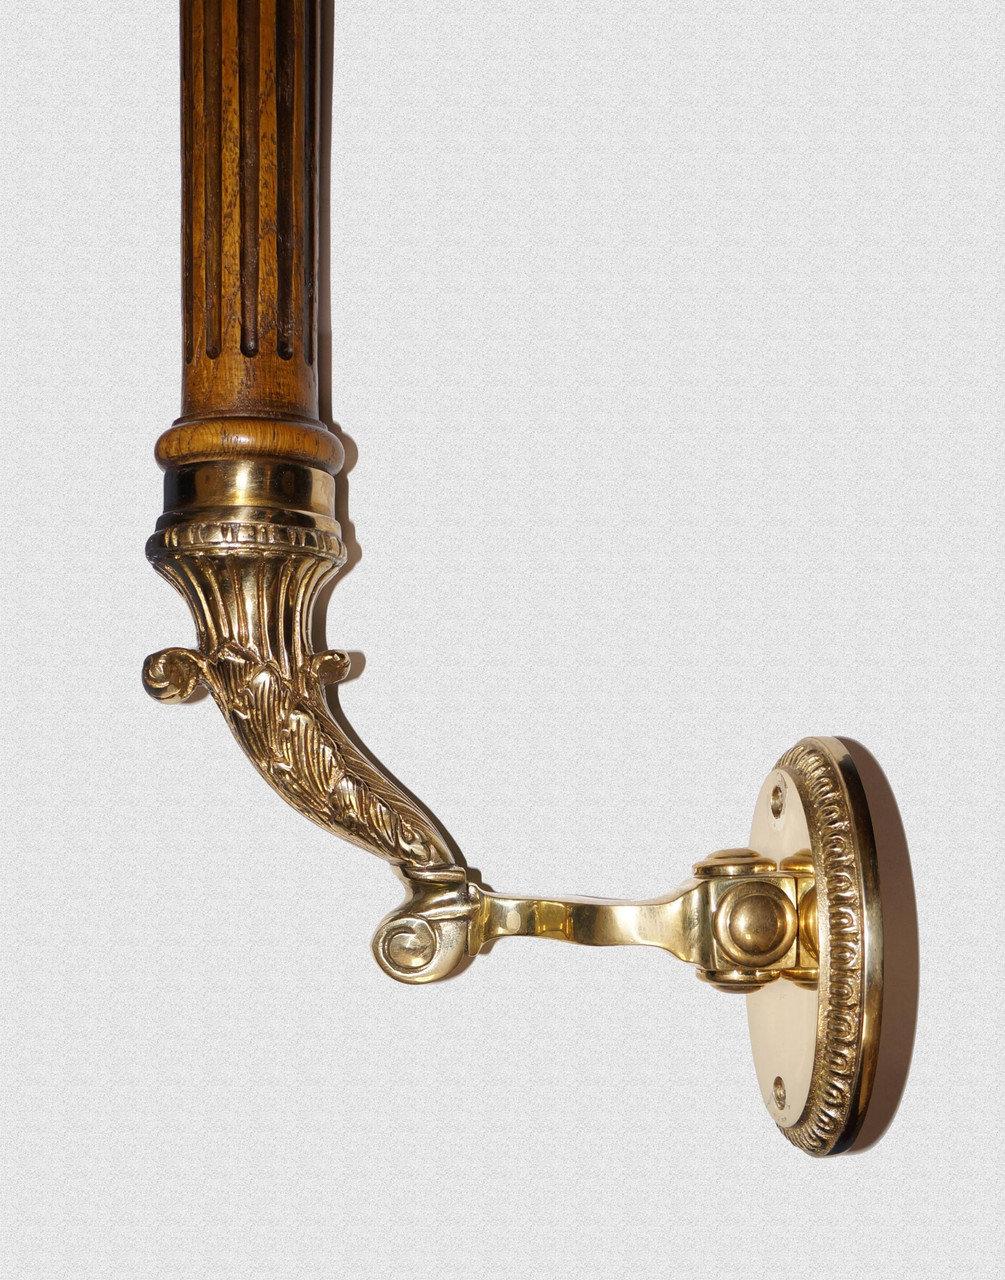 Ручка опорная Александровская с каннелюрами на боковых кронштейнах, арт: 01-002-бок